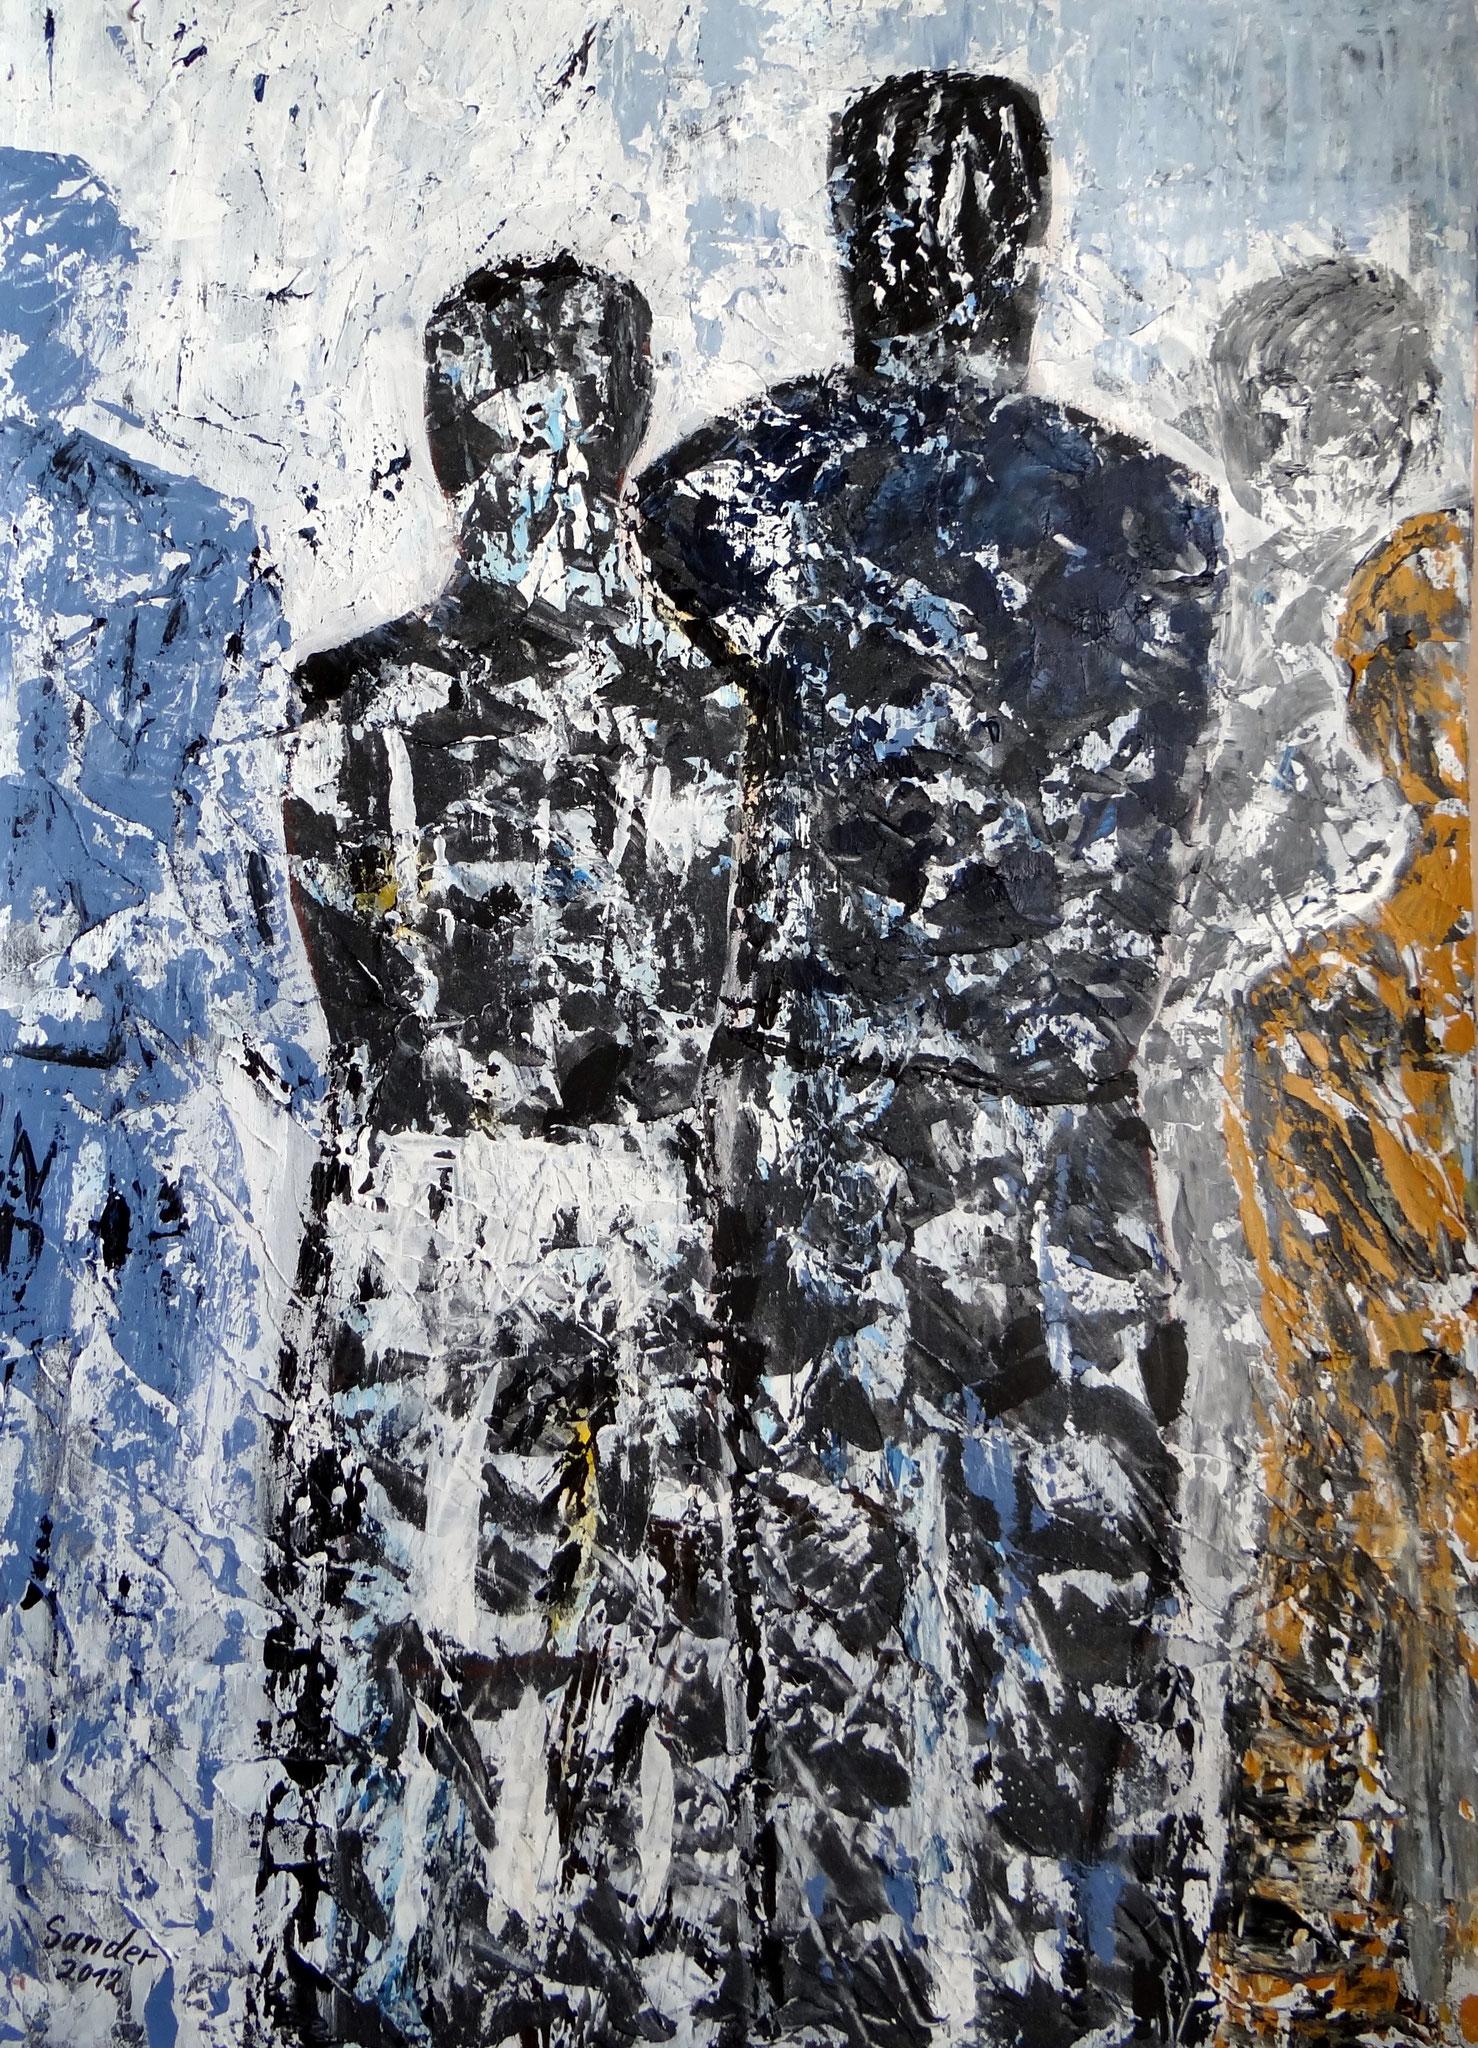 Gruppe 2, 70 x 50 cm, Acrylfarben auf Papier, signiert und datiert 2012